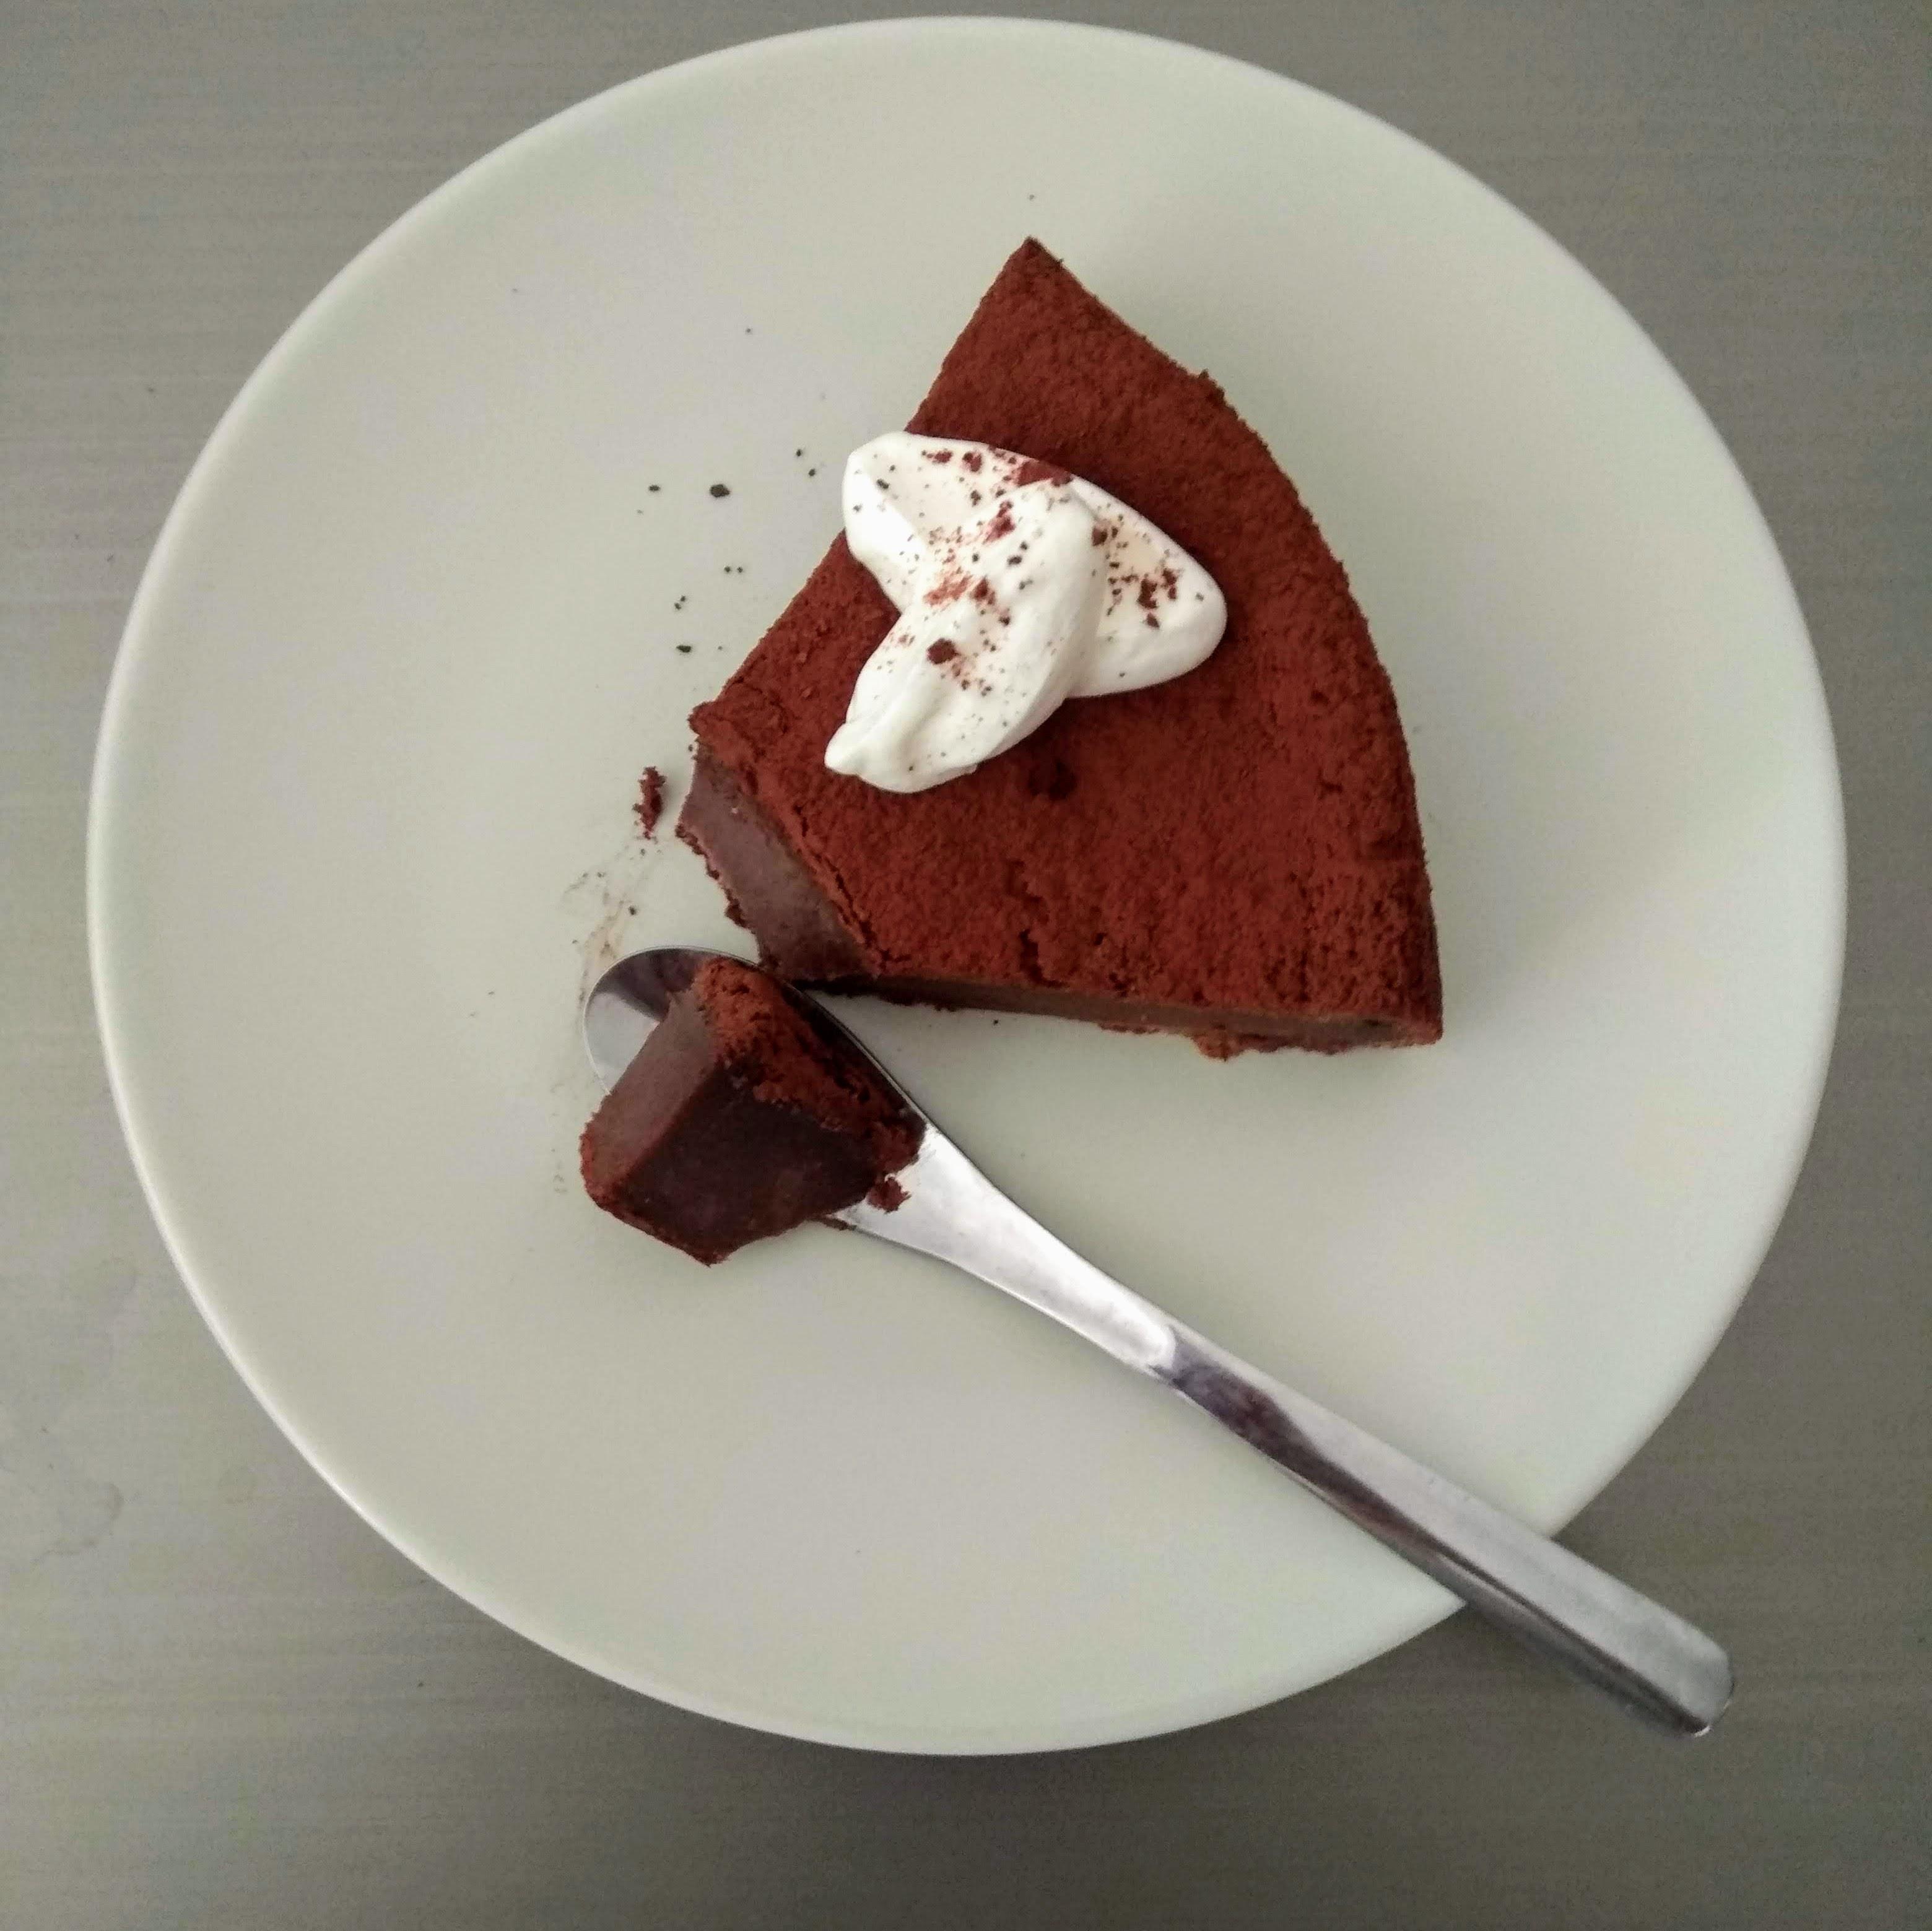 Receta: Tarta de queso fresco y chocolate. Descúbrela en: www.cocinandoconlola.com